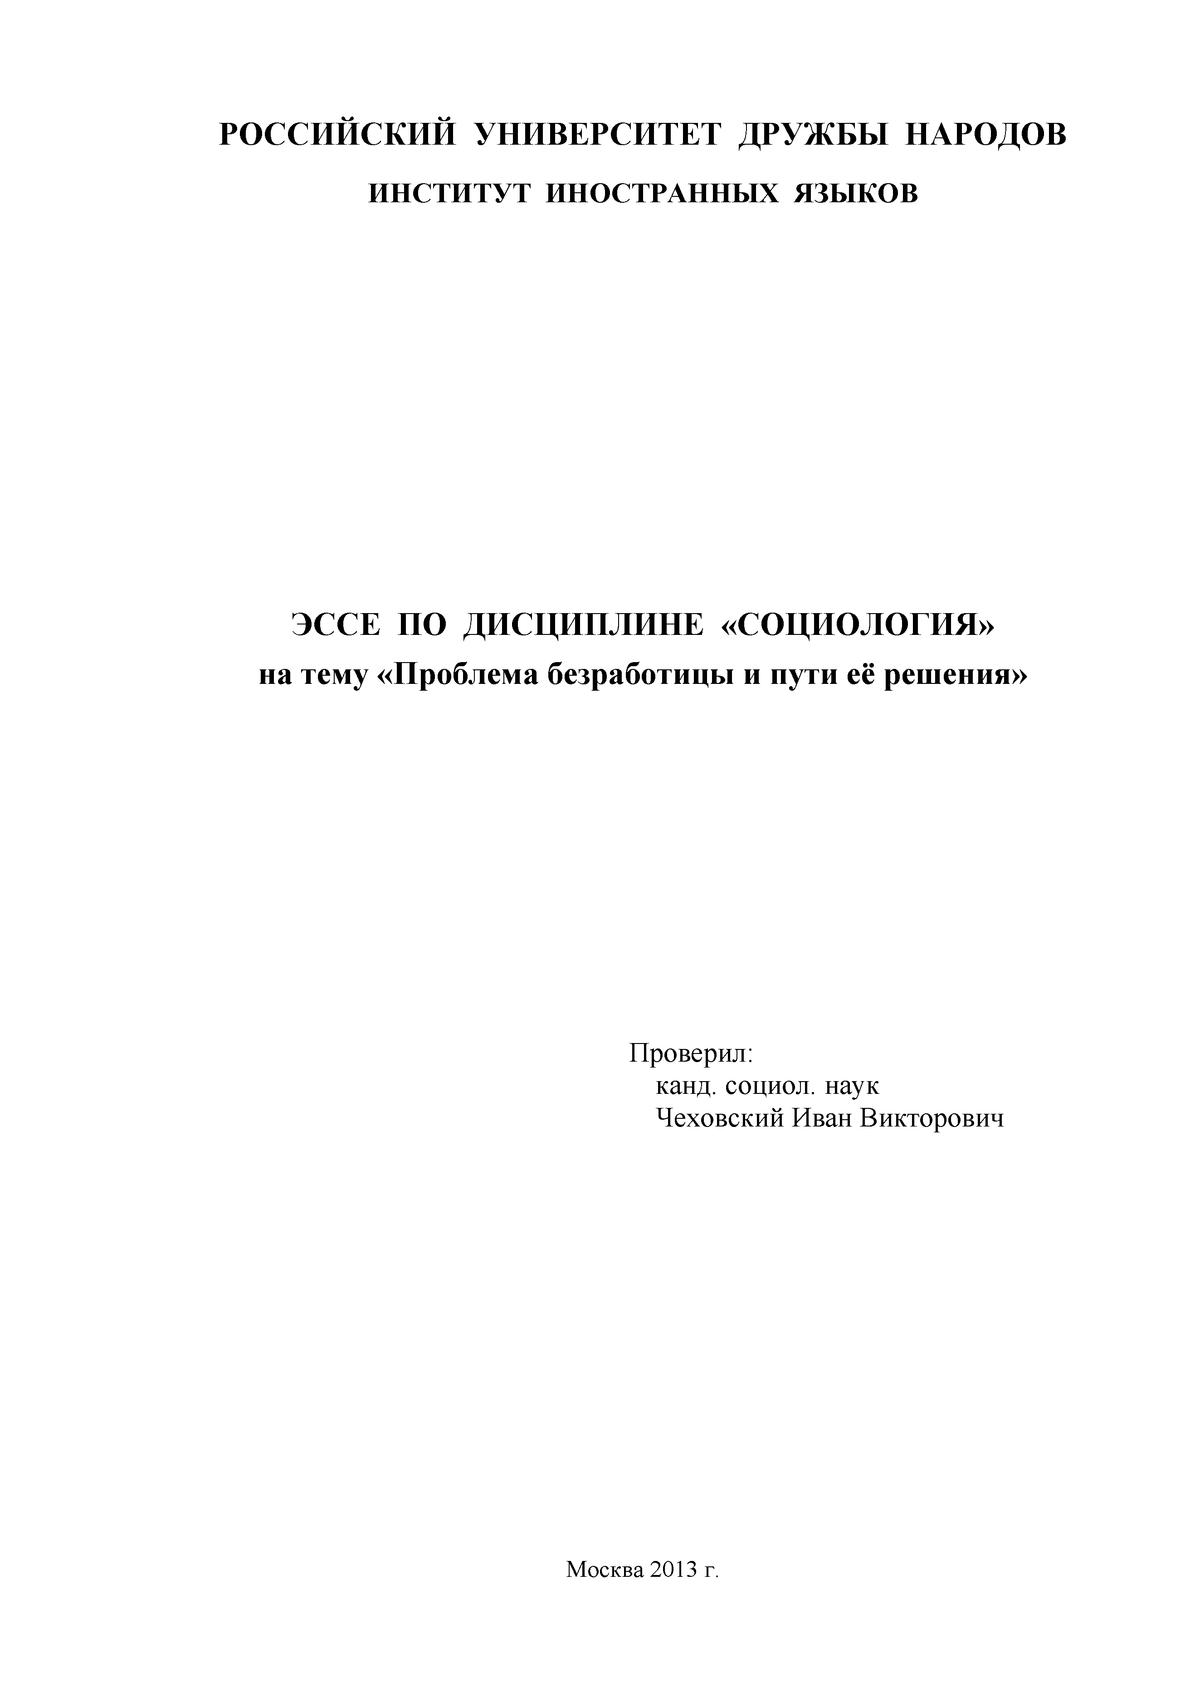 Реферат на тему проблемы безработицы в россии 4108